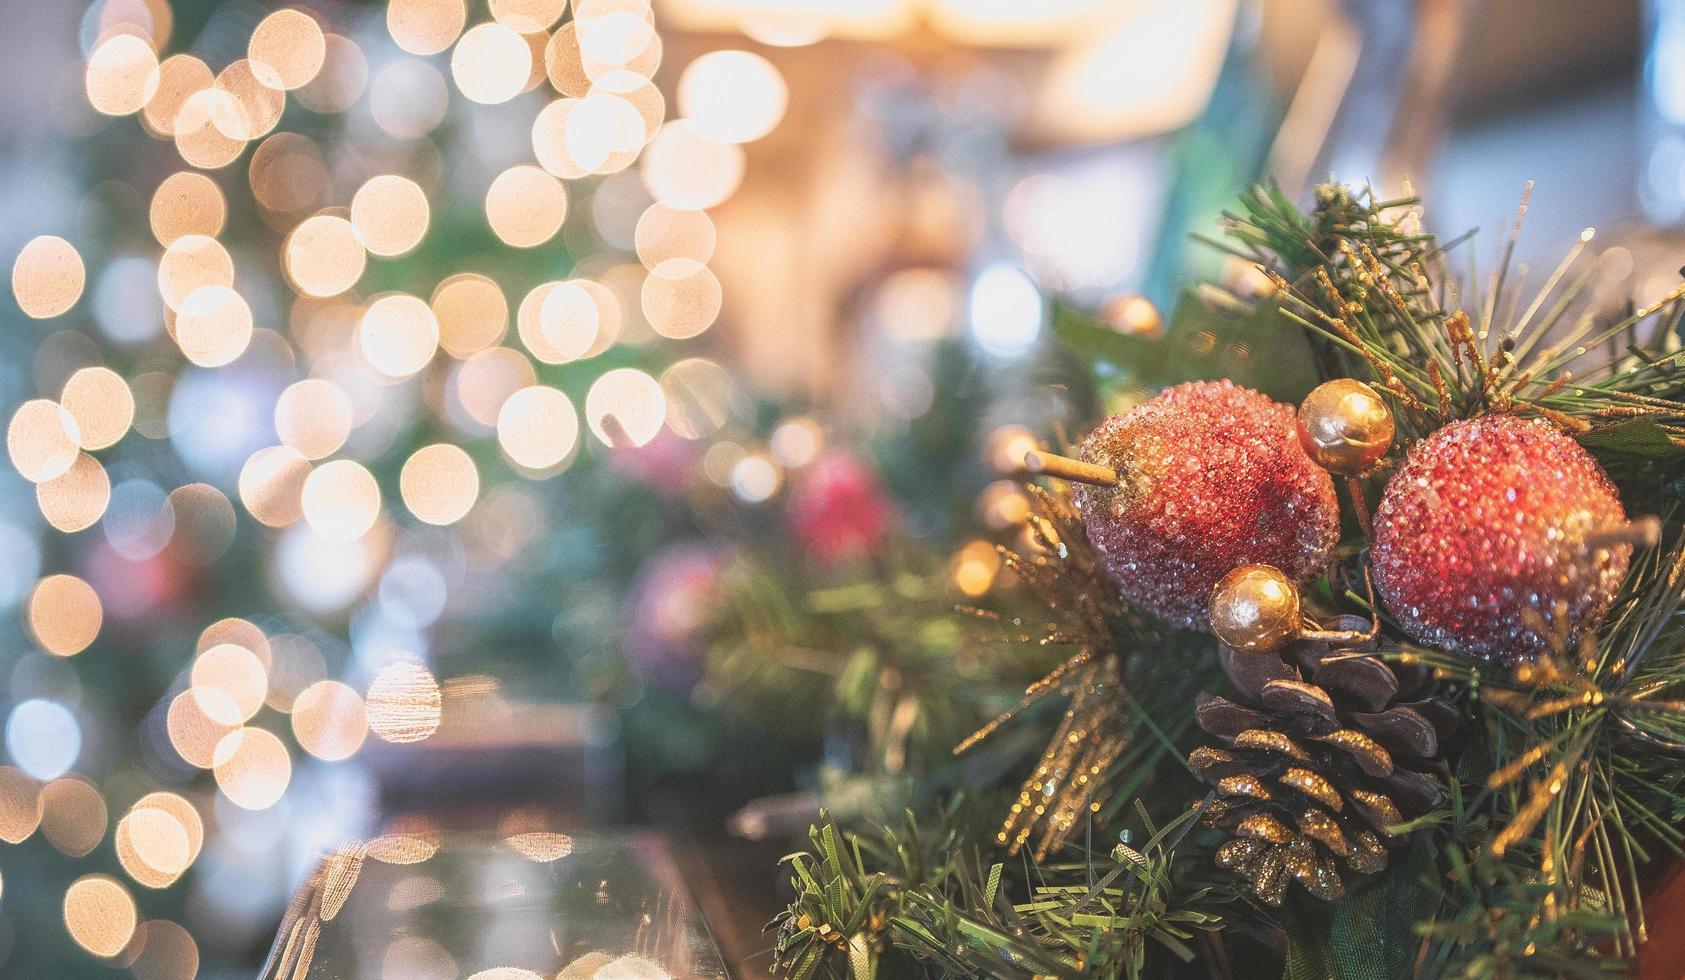 adornos navideños y luces foto